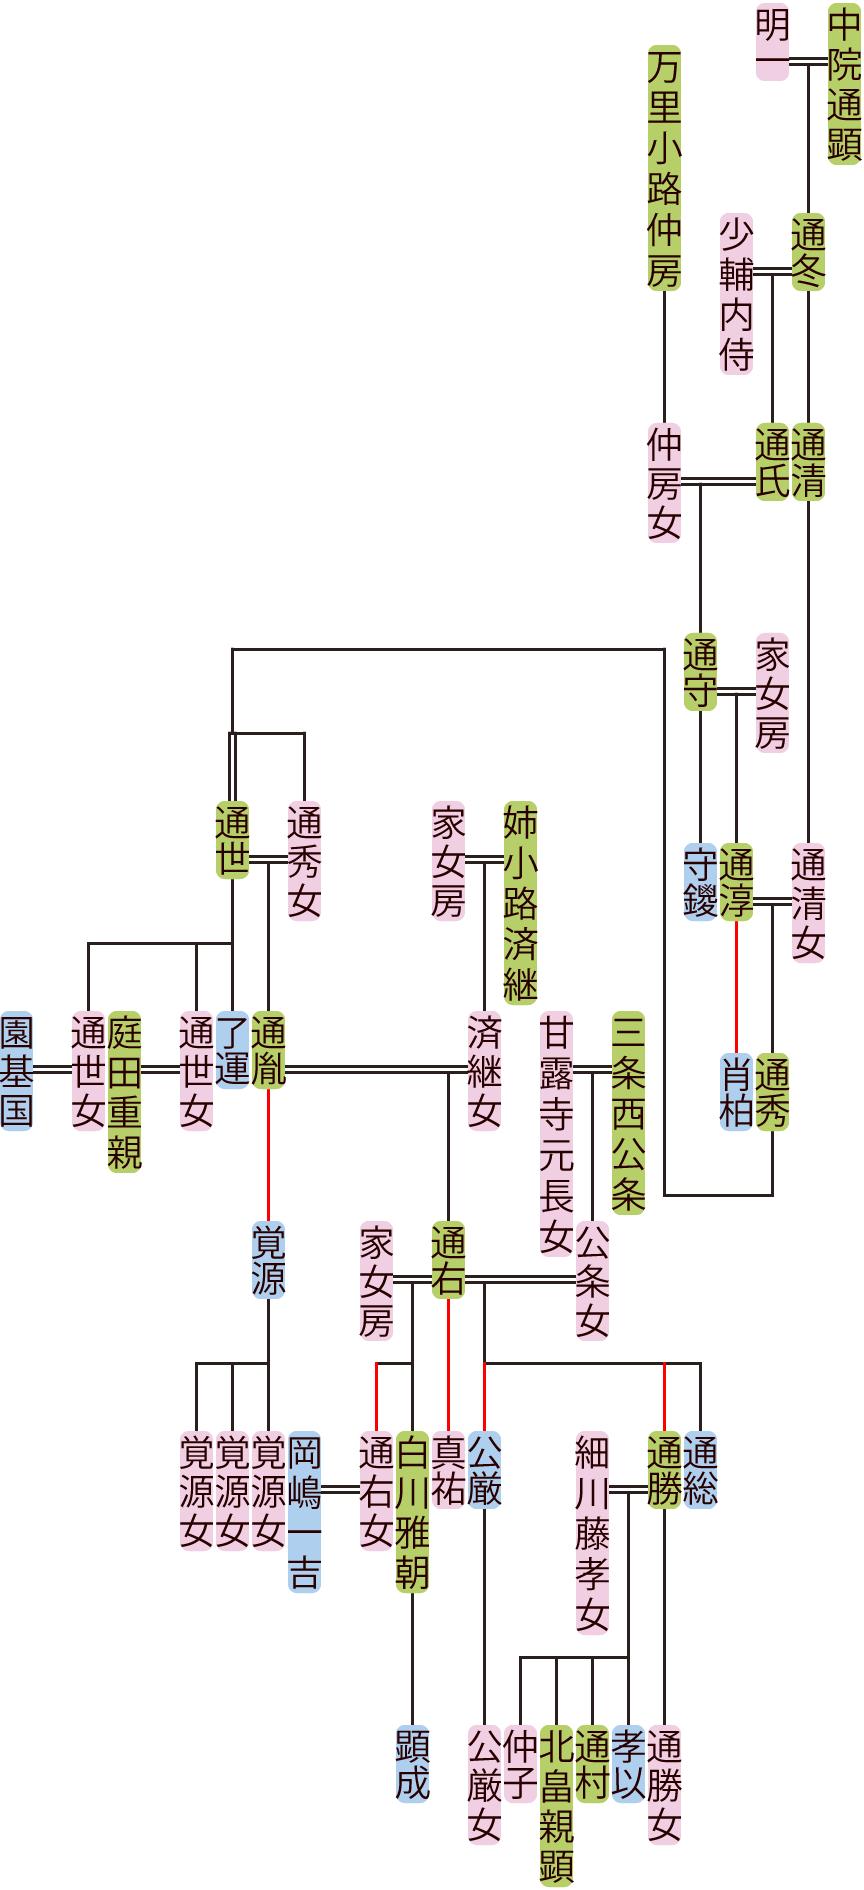 中院通氏~通右の系図